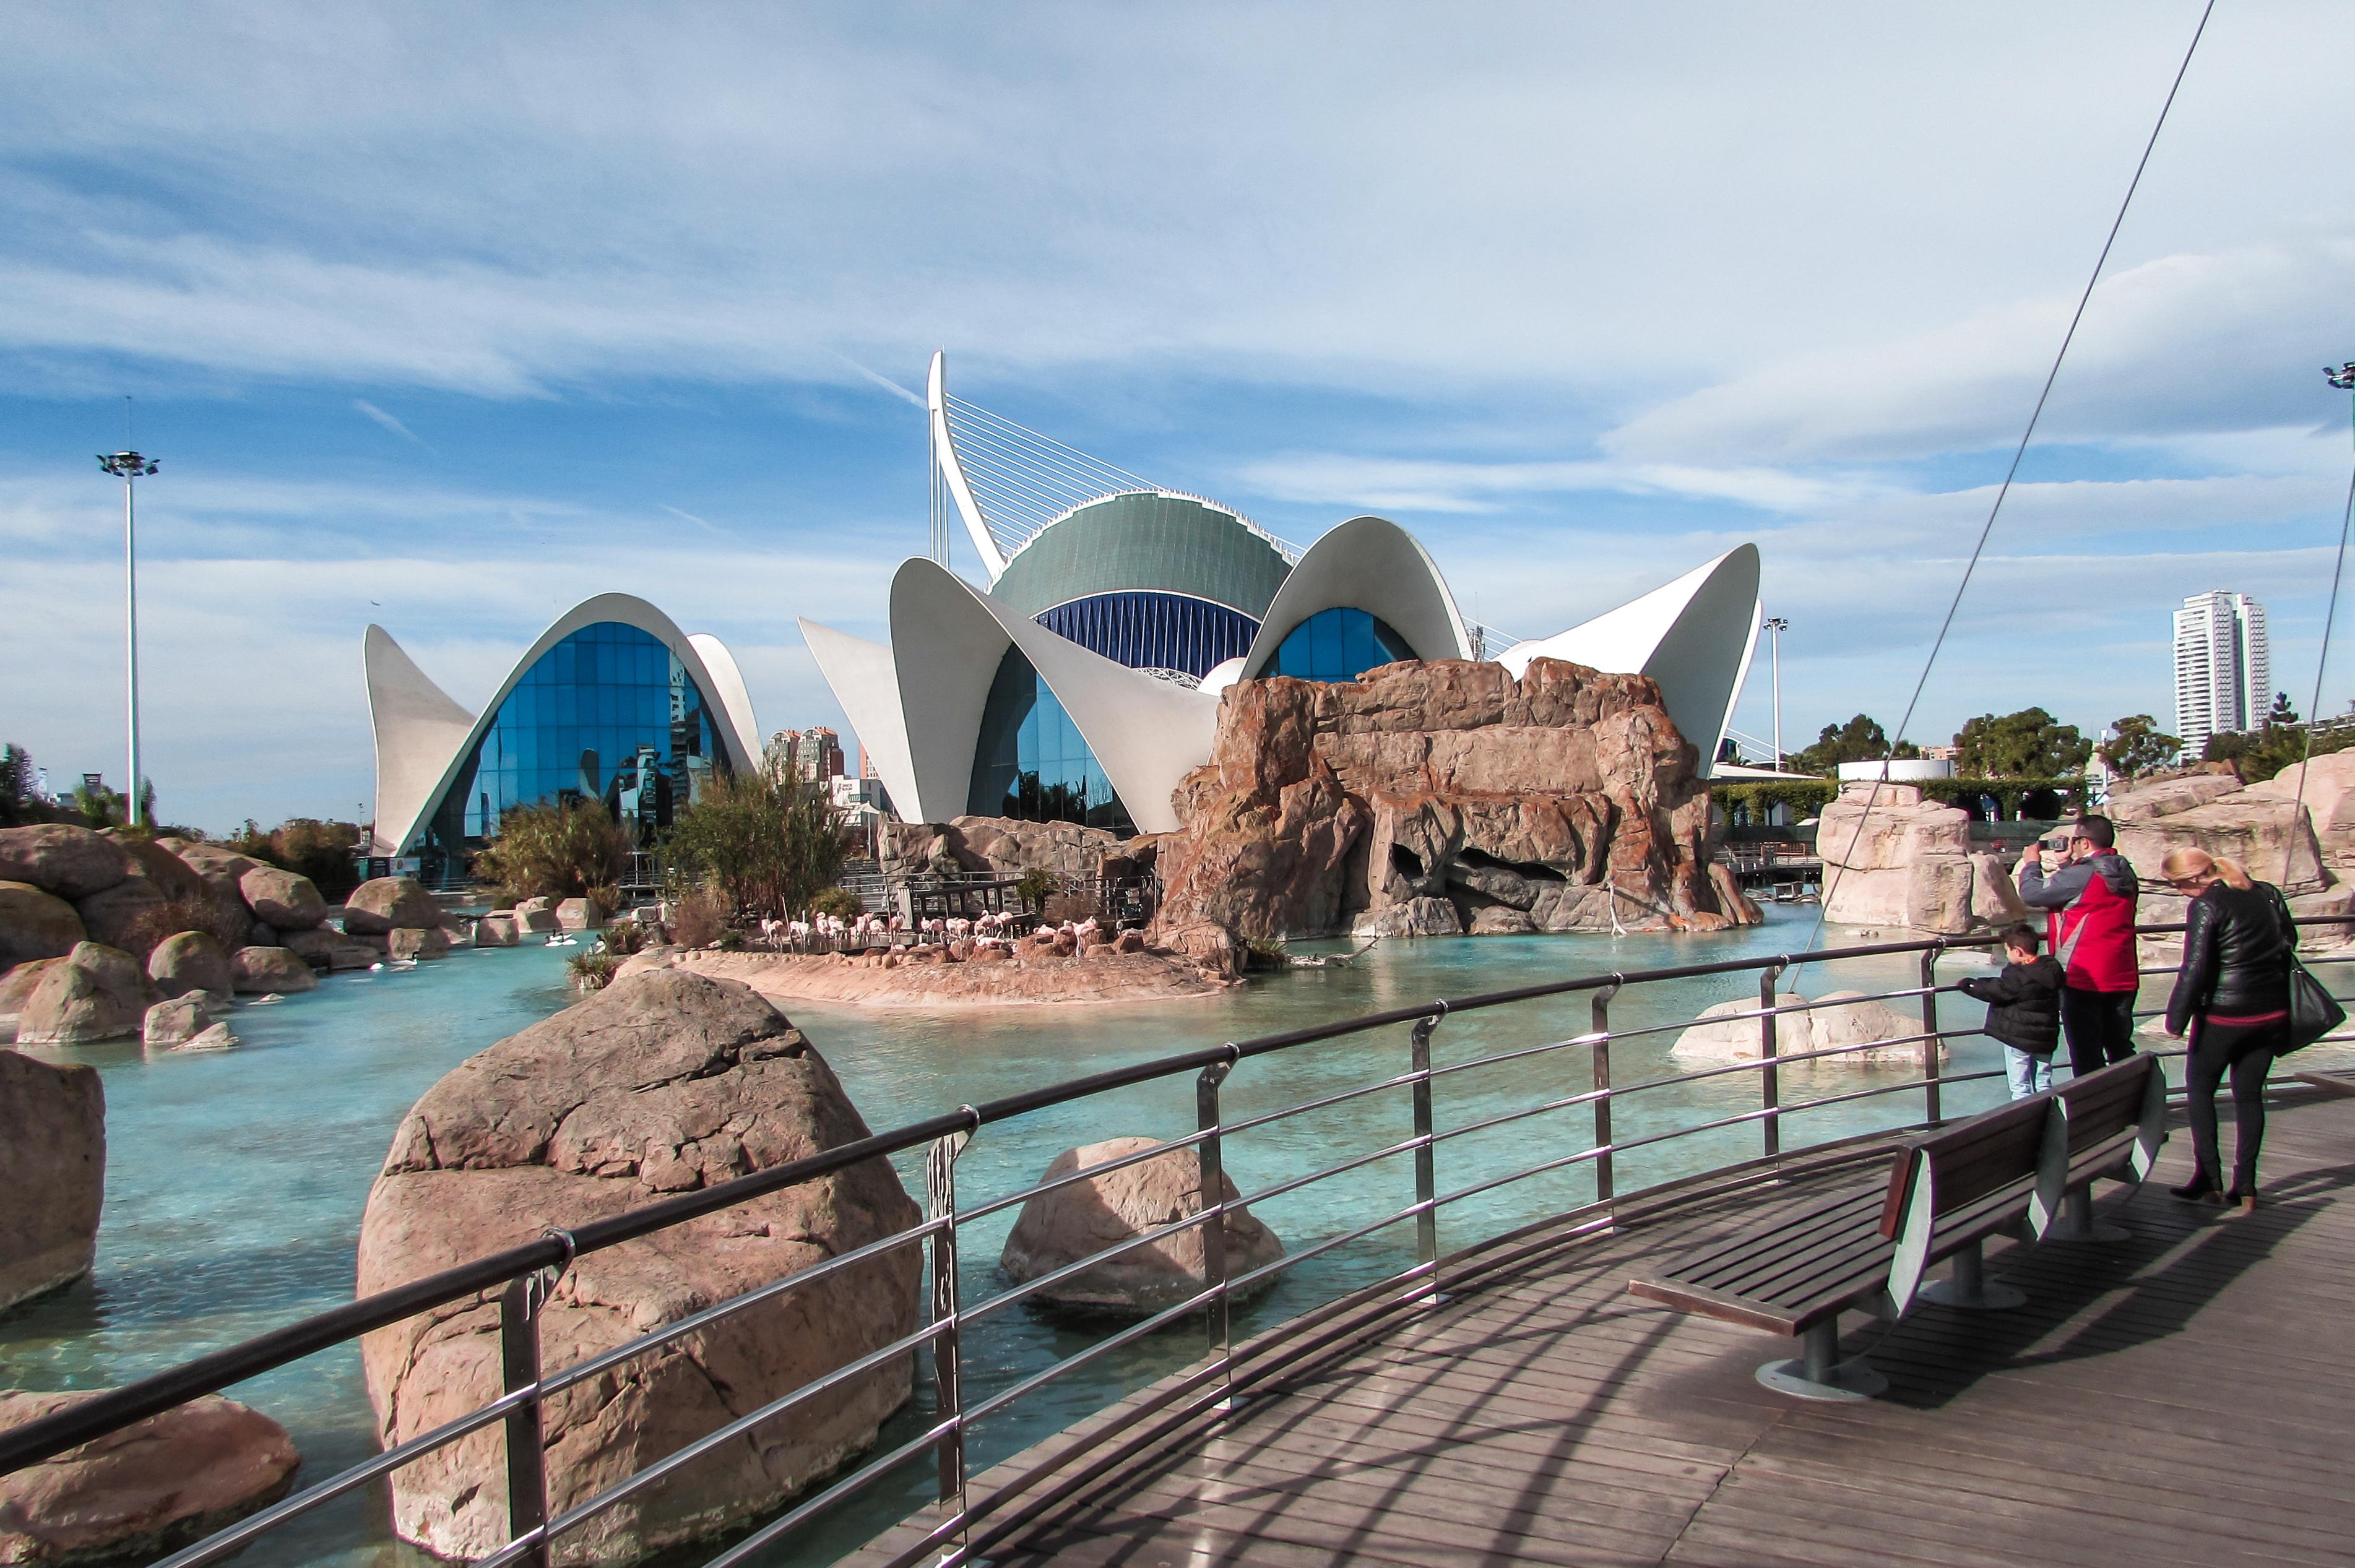 Valencia's Oceanogràfic aquarium - by Ben Holbrook